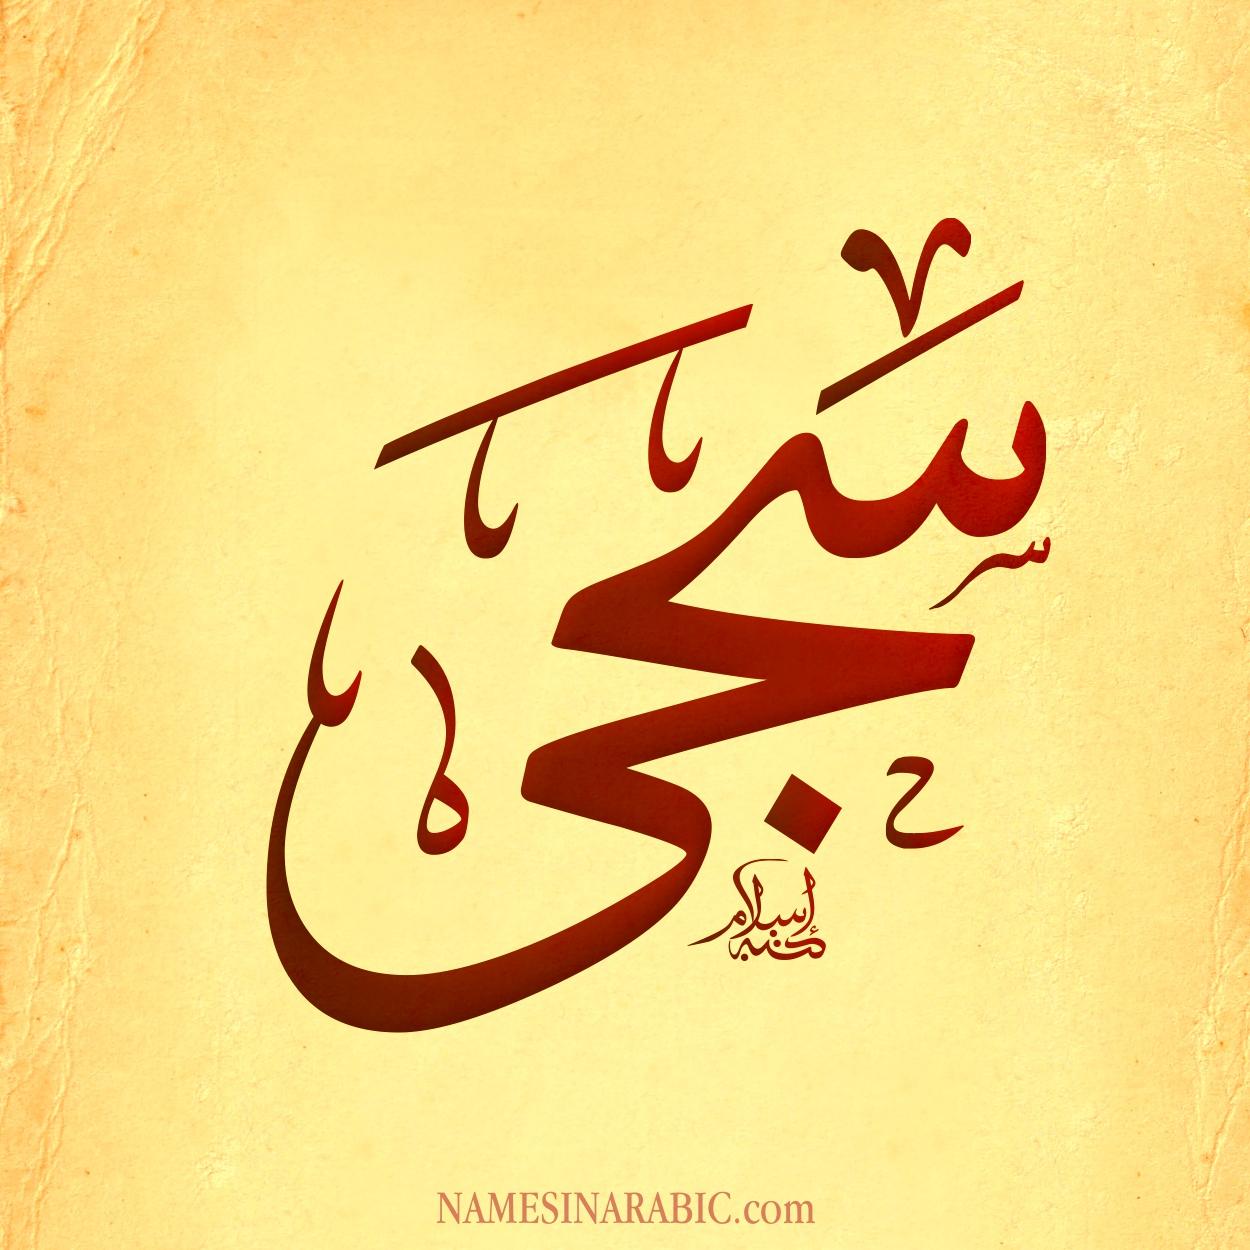 صورة معنى سجى , اسم من القران الكريم له معنى عظيم 3091 1